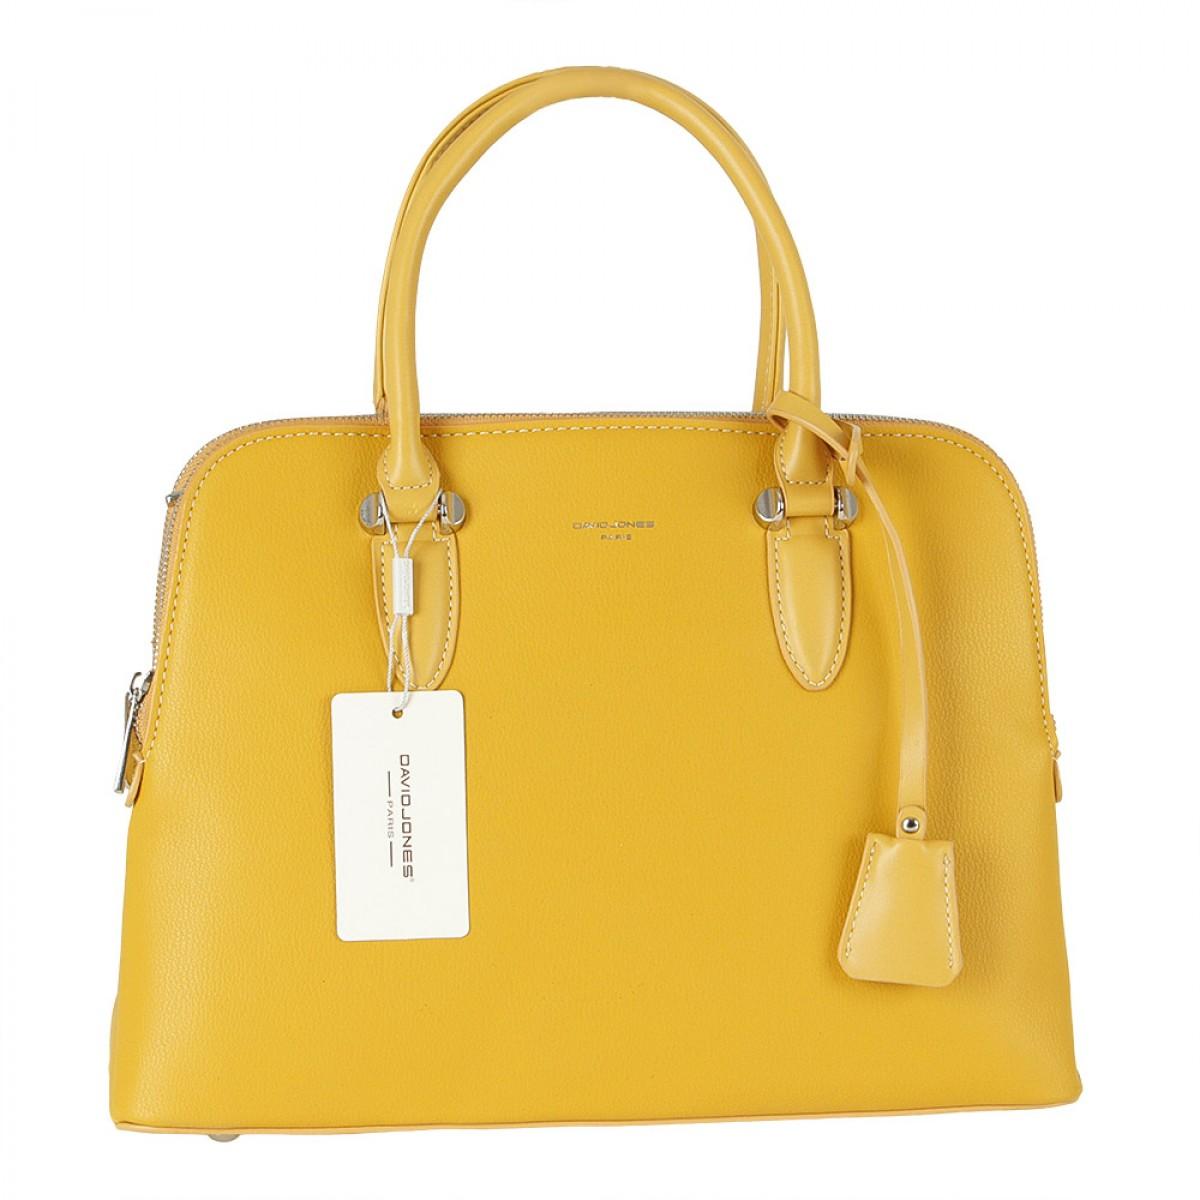 Жіноча сумка David Jones  6207-2A YELLOW